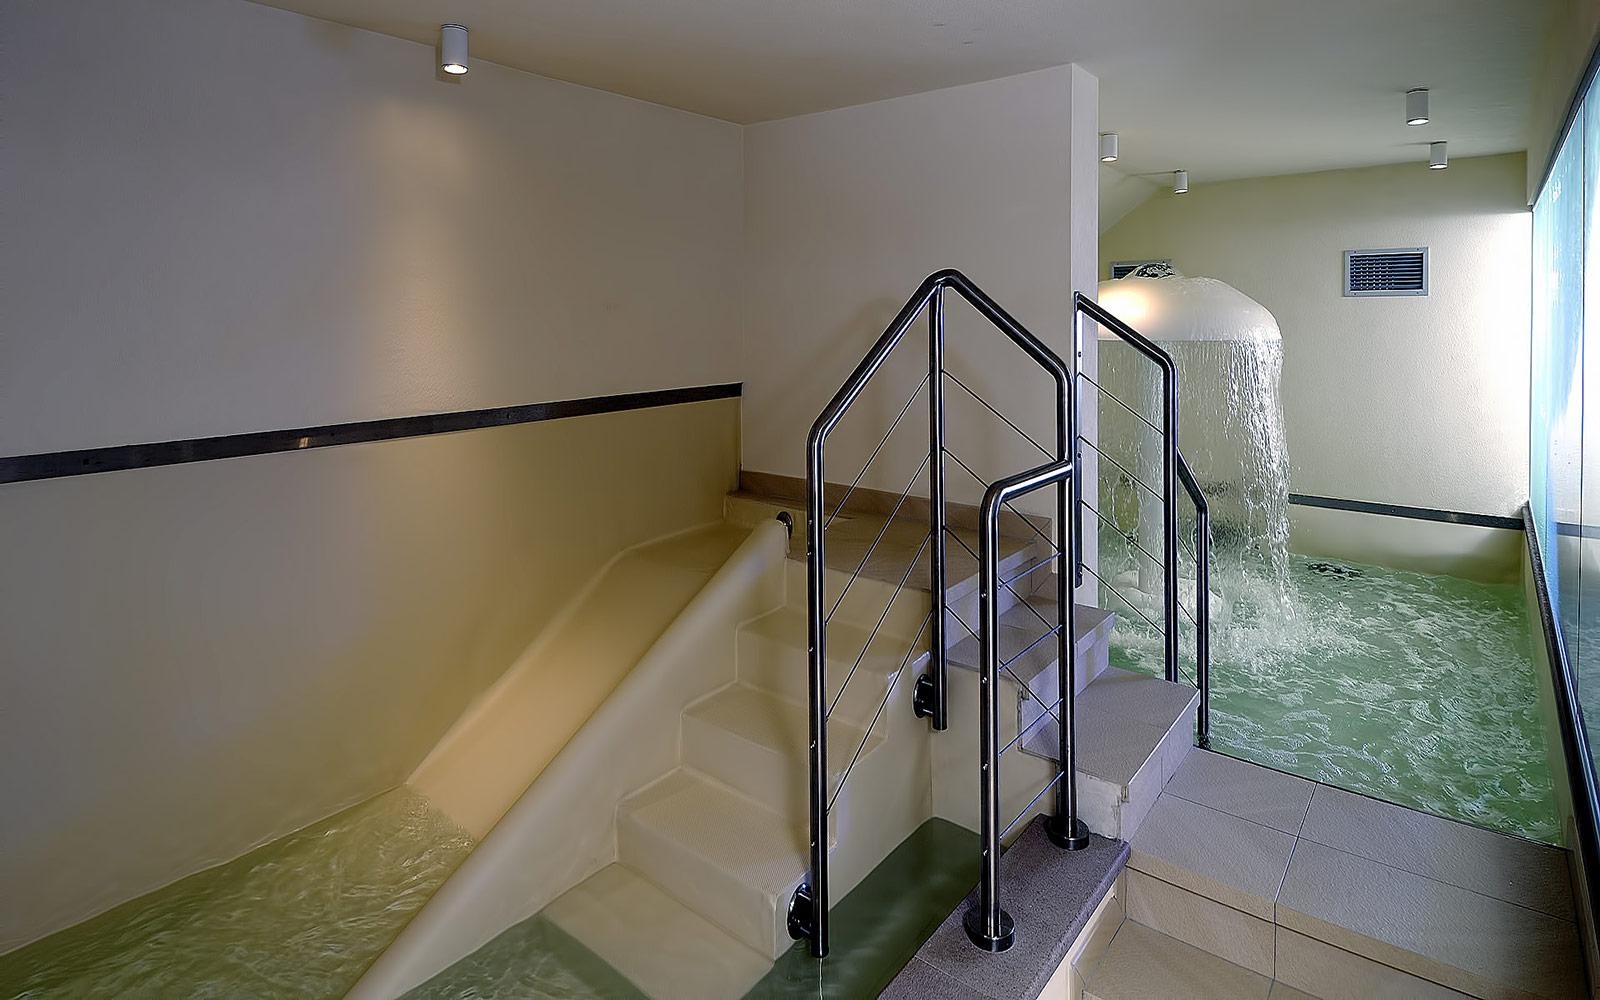 PISCINA BAMBINI<br>HOTEL SPORTING - MEZZANA